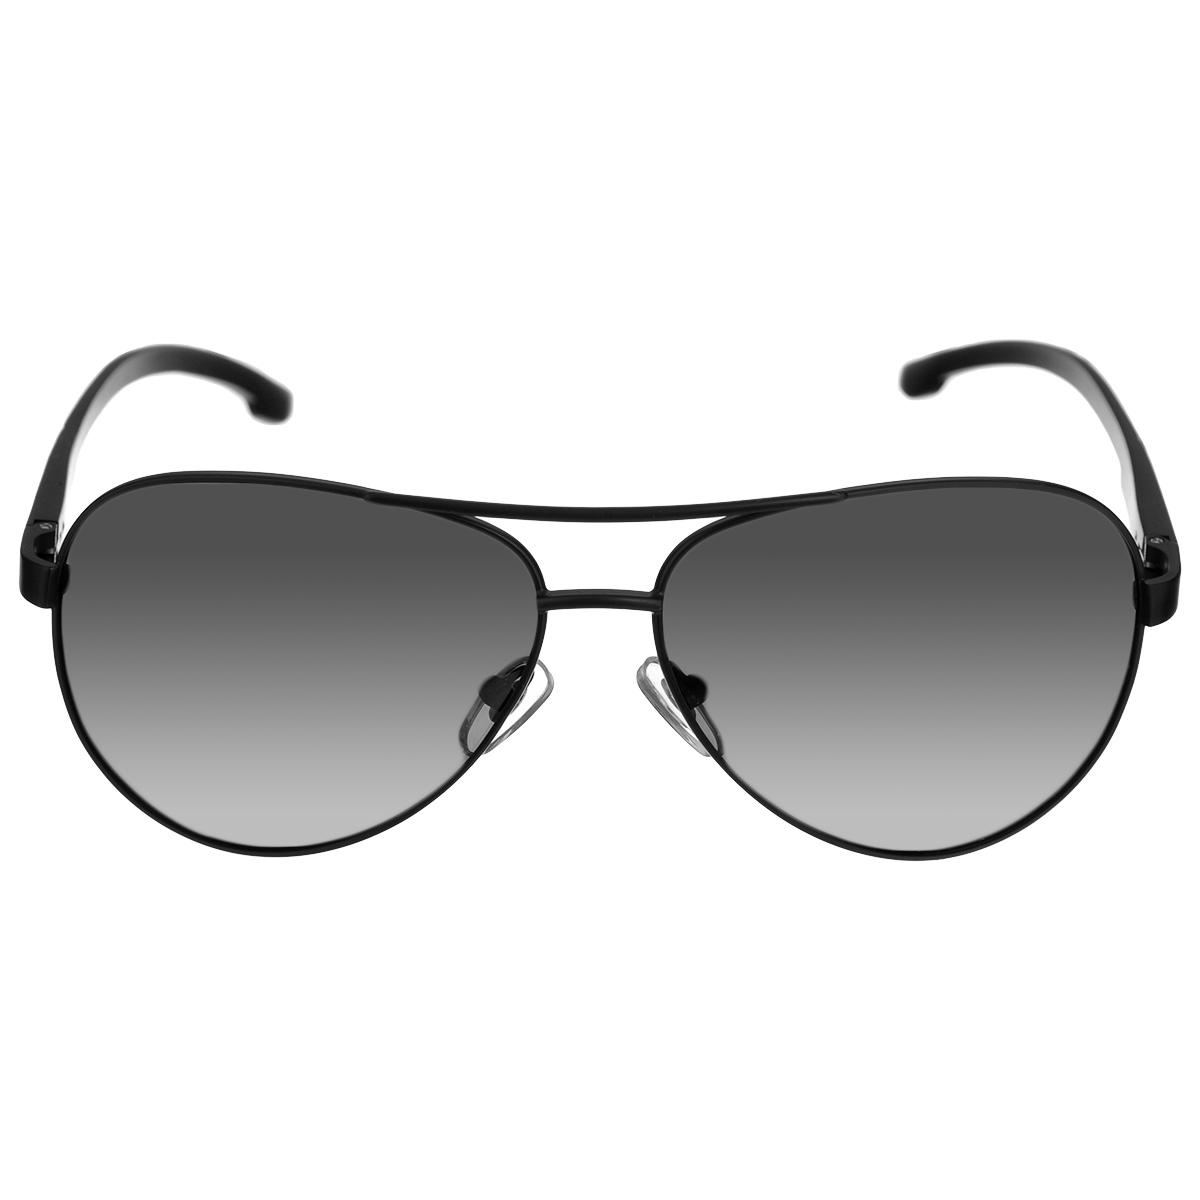 Очки поляризационные Cafa France, цвет: серый. CF8511